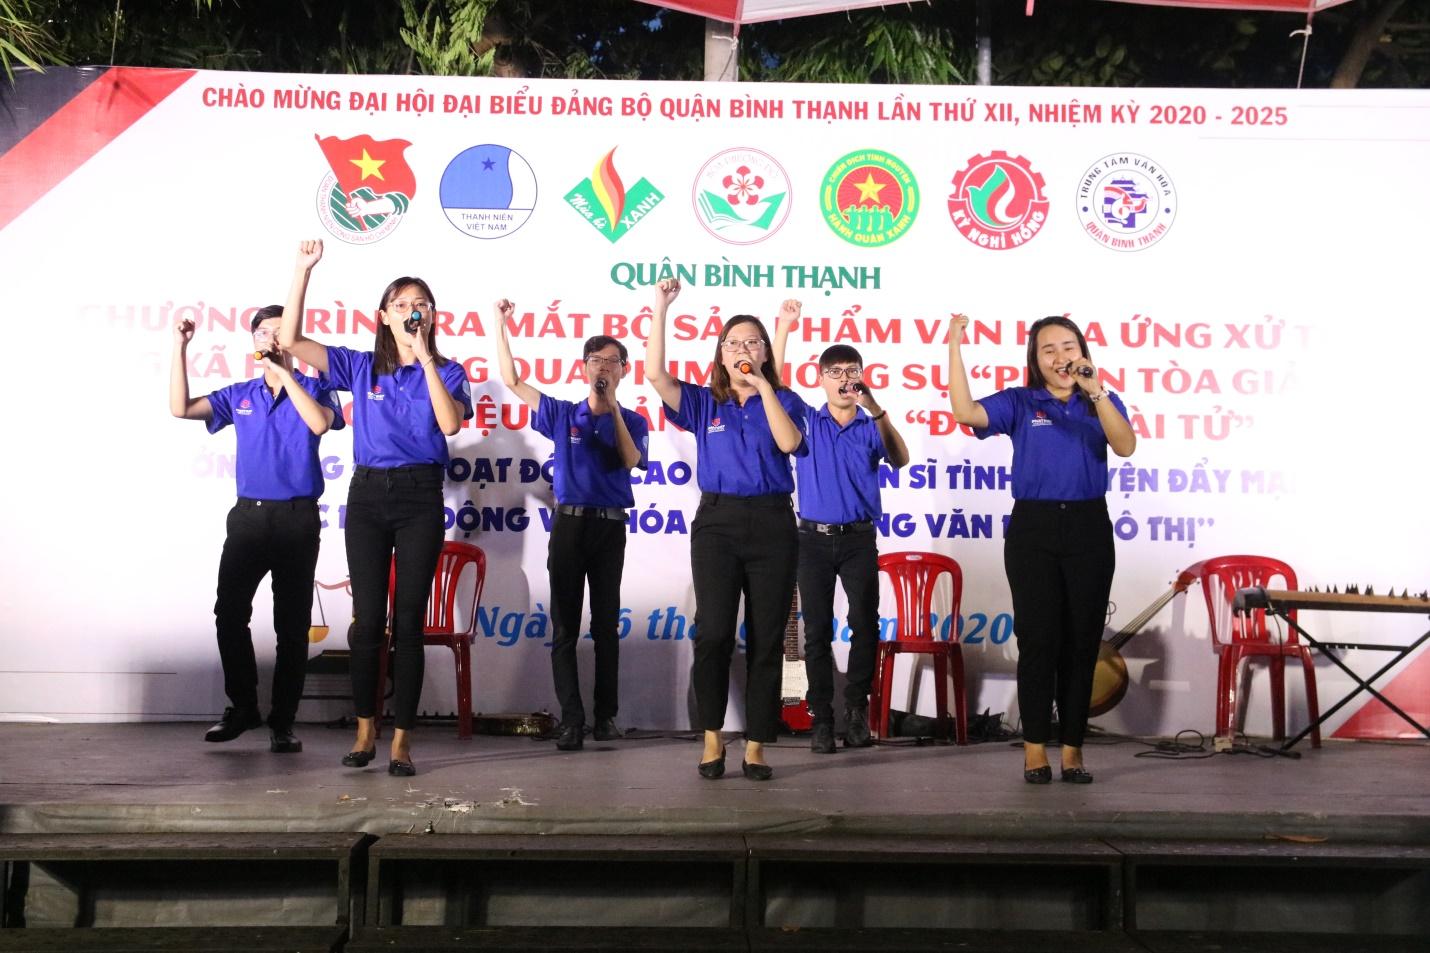 Ban chỉ huy các chiến dịch tình nguyện hè quận Bình Thạnh năm 2020 ra mắt bộ sản phẩm văn hóa ứng xử trên mạng xã hội  - Ảnh 1